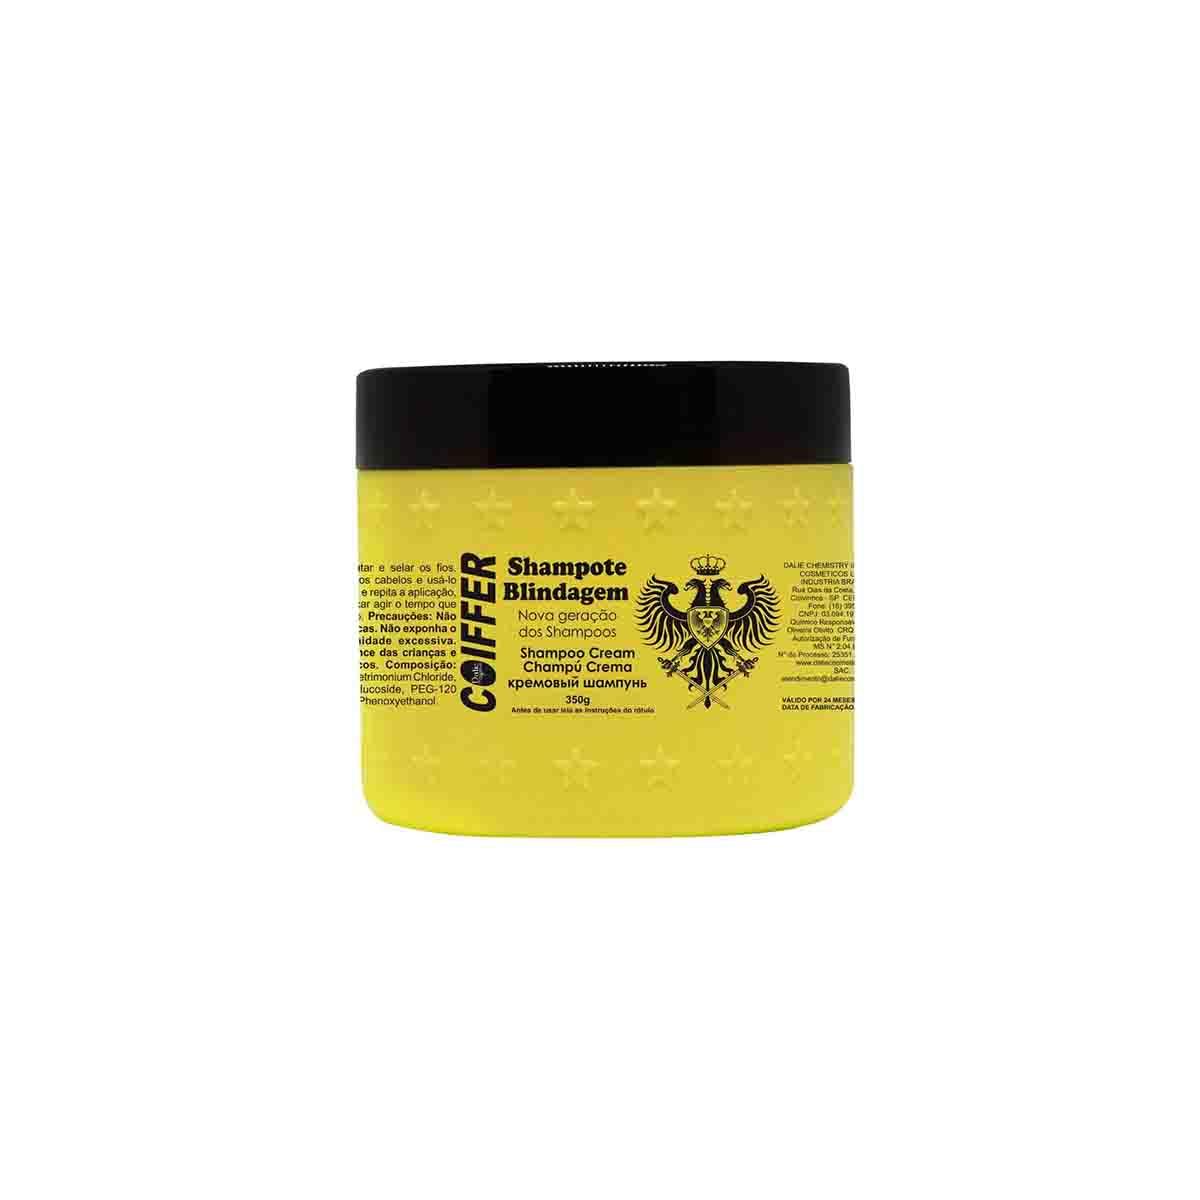 Shampote Blindagem Coiffer 350g